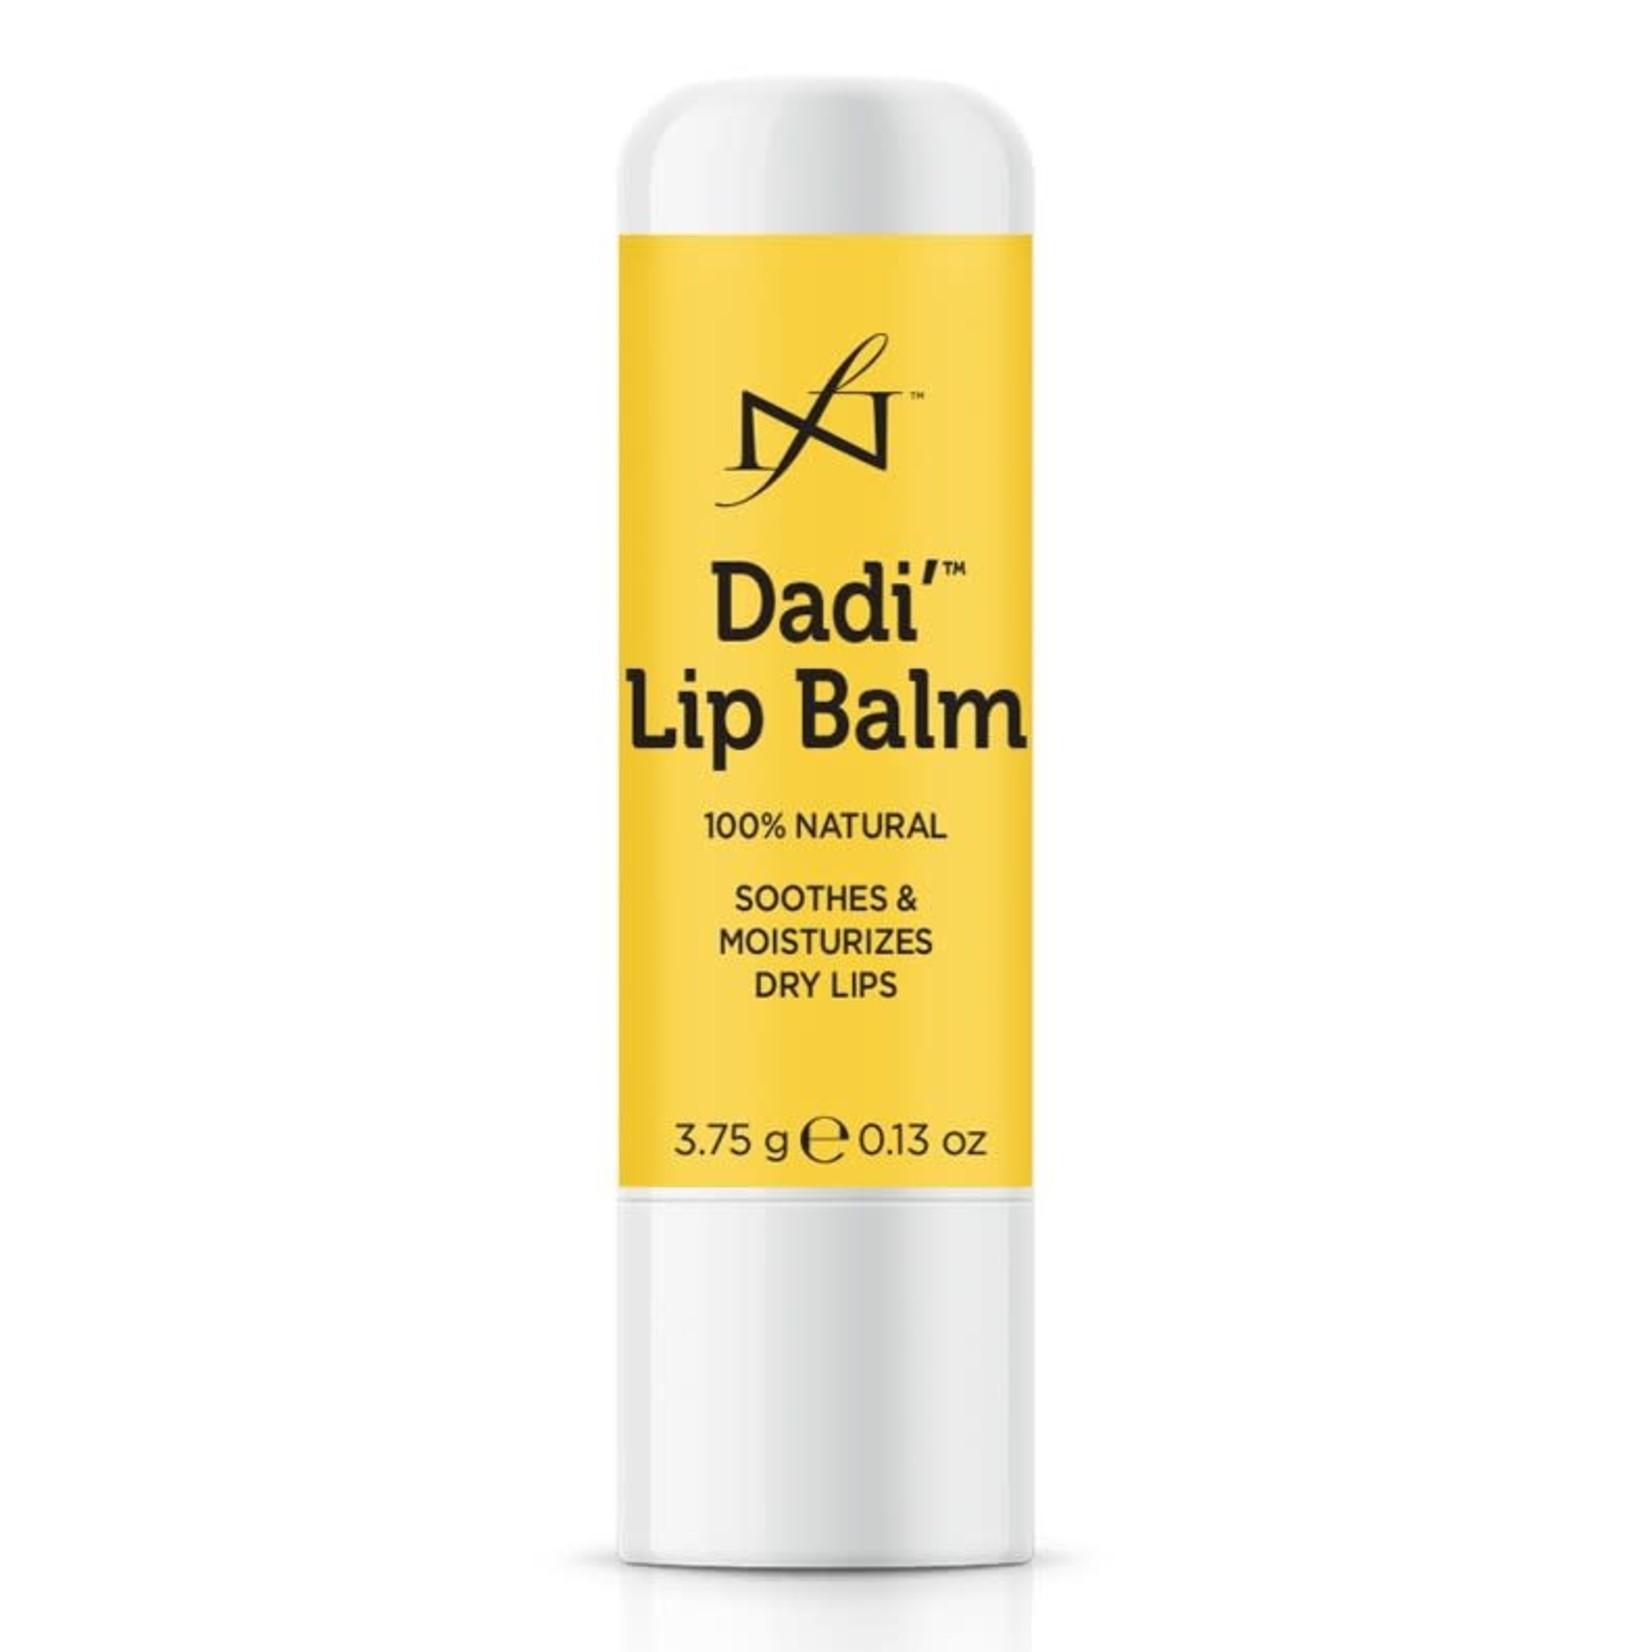 Dadi'Oil Dadi'Lipbalm